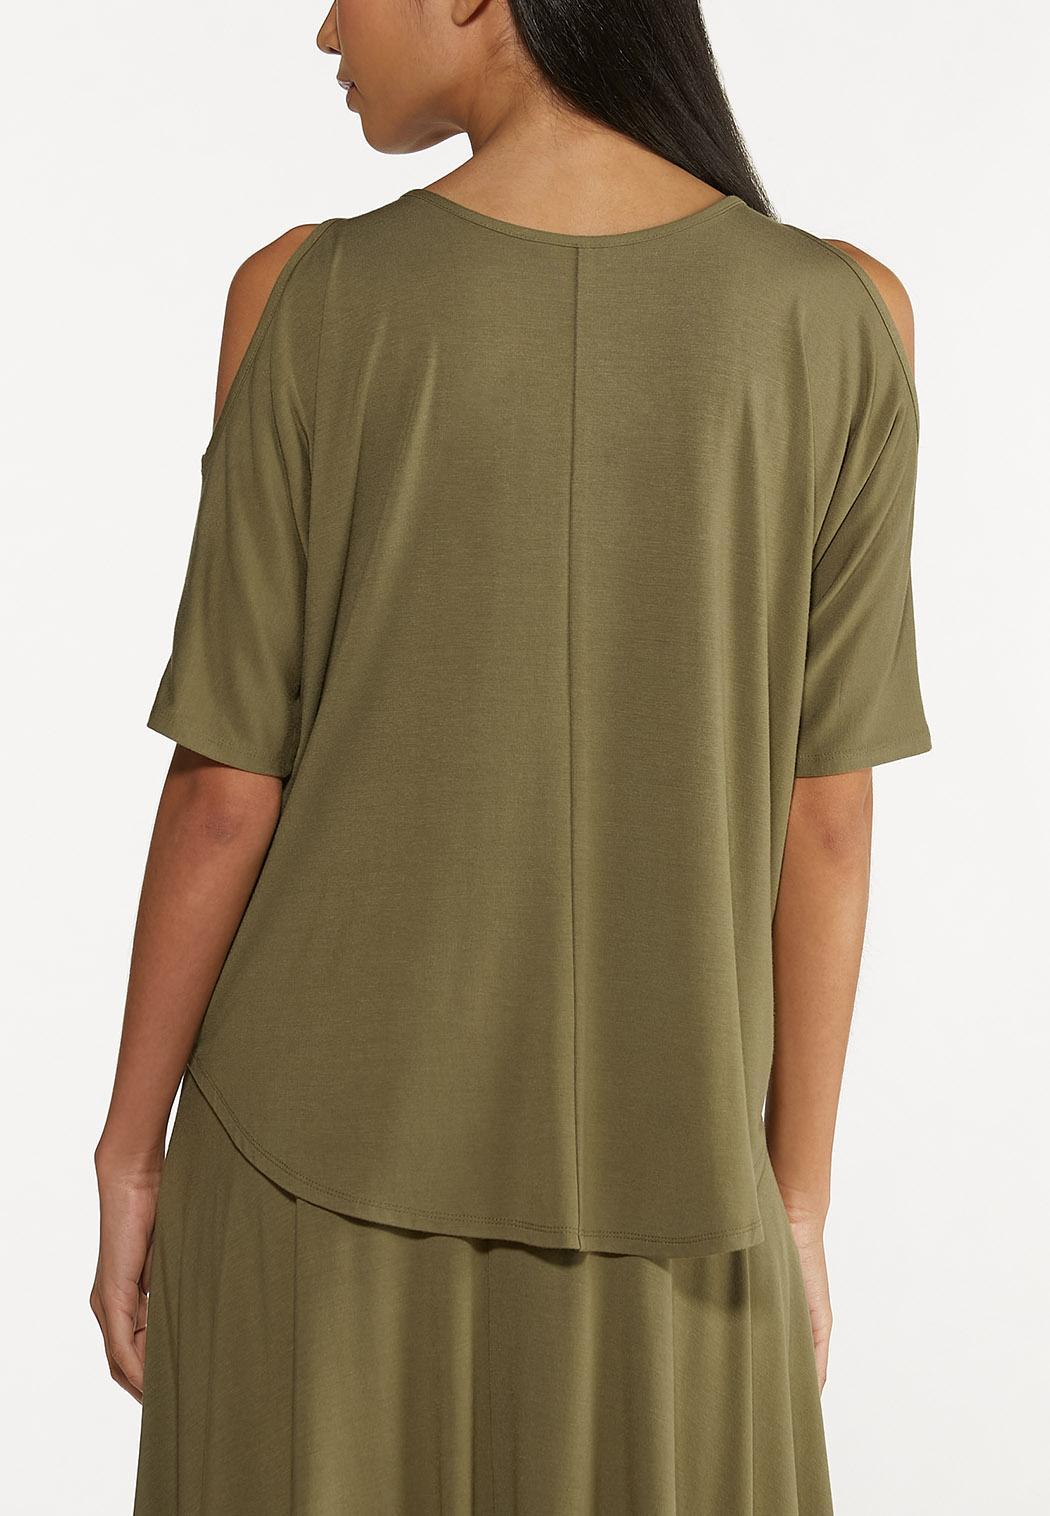 Plus Size Olive Cold Shoulder Top (Item #44616547)